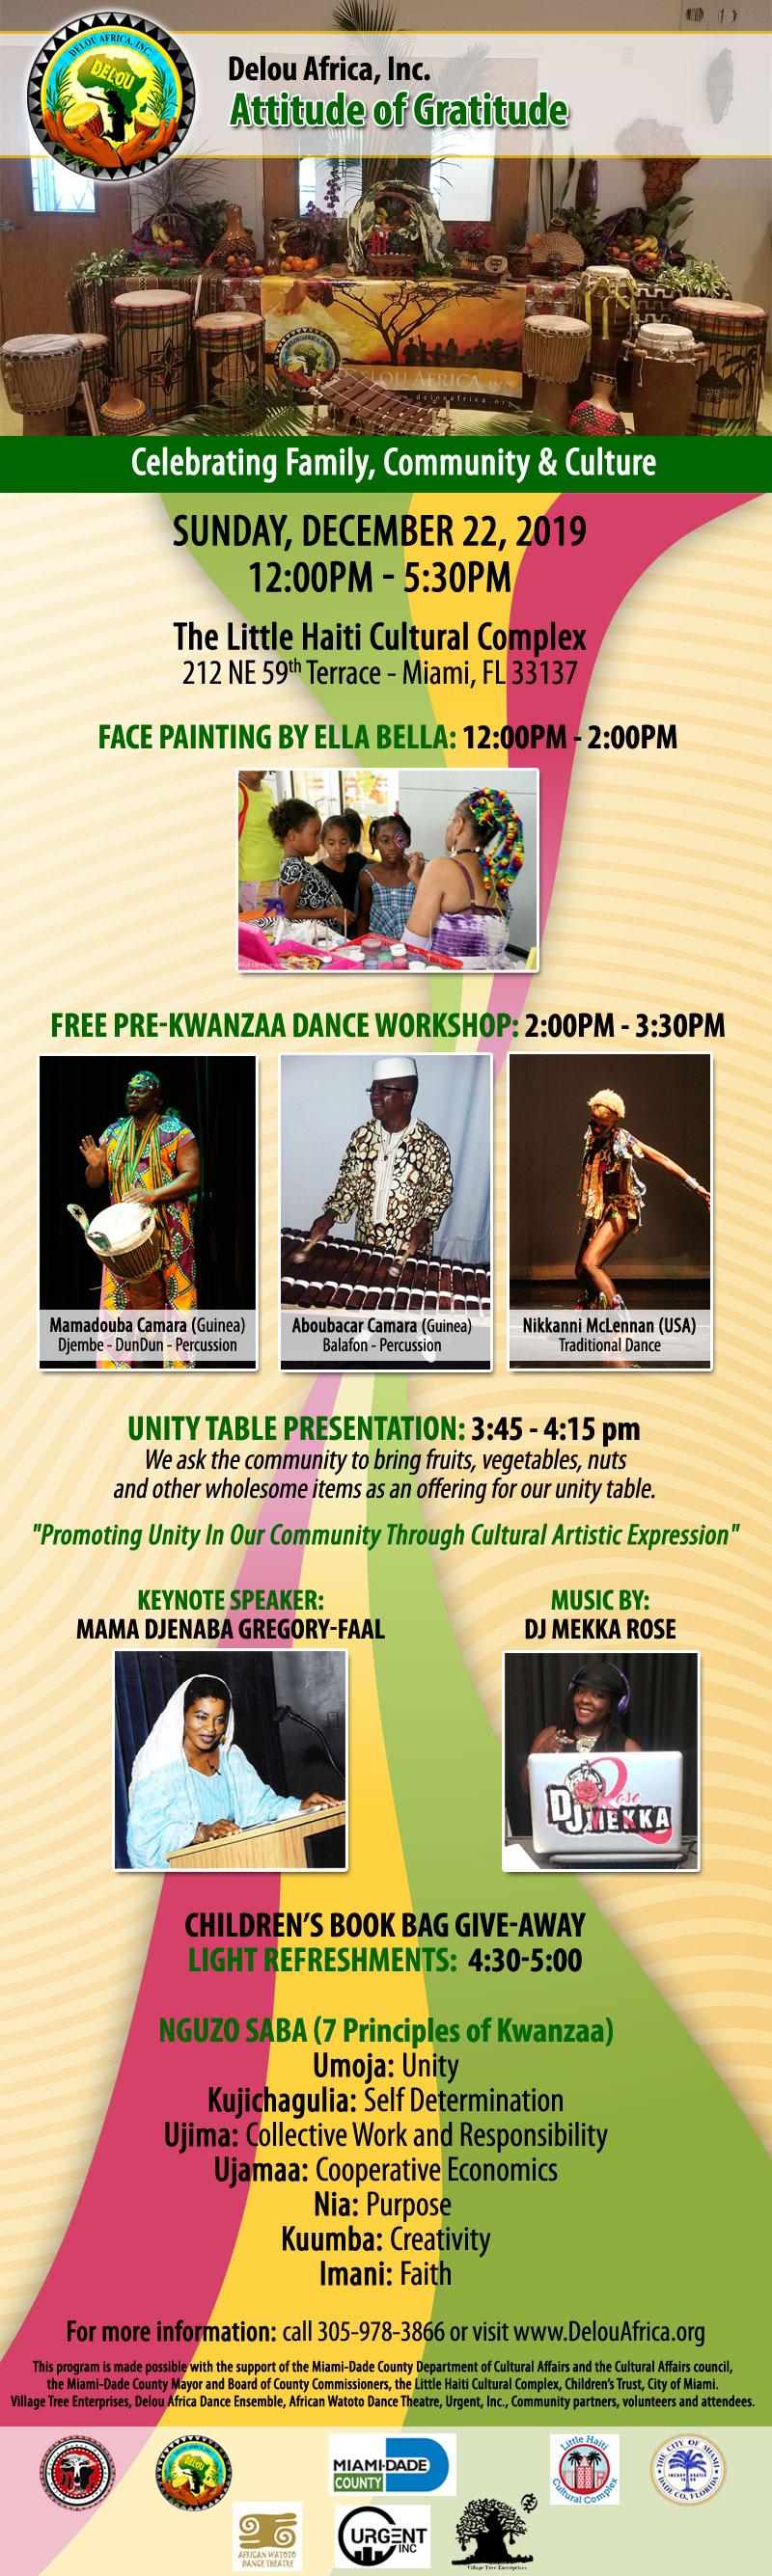 Kwanzaa event flyer